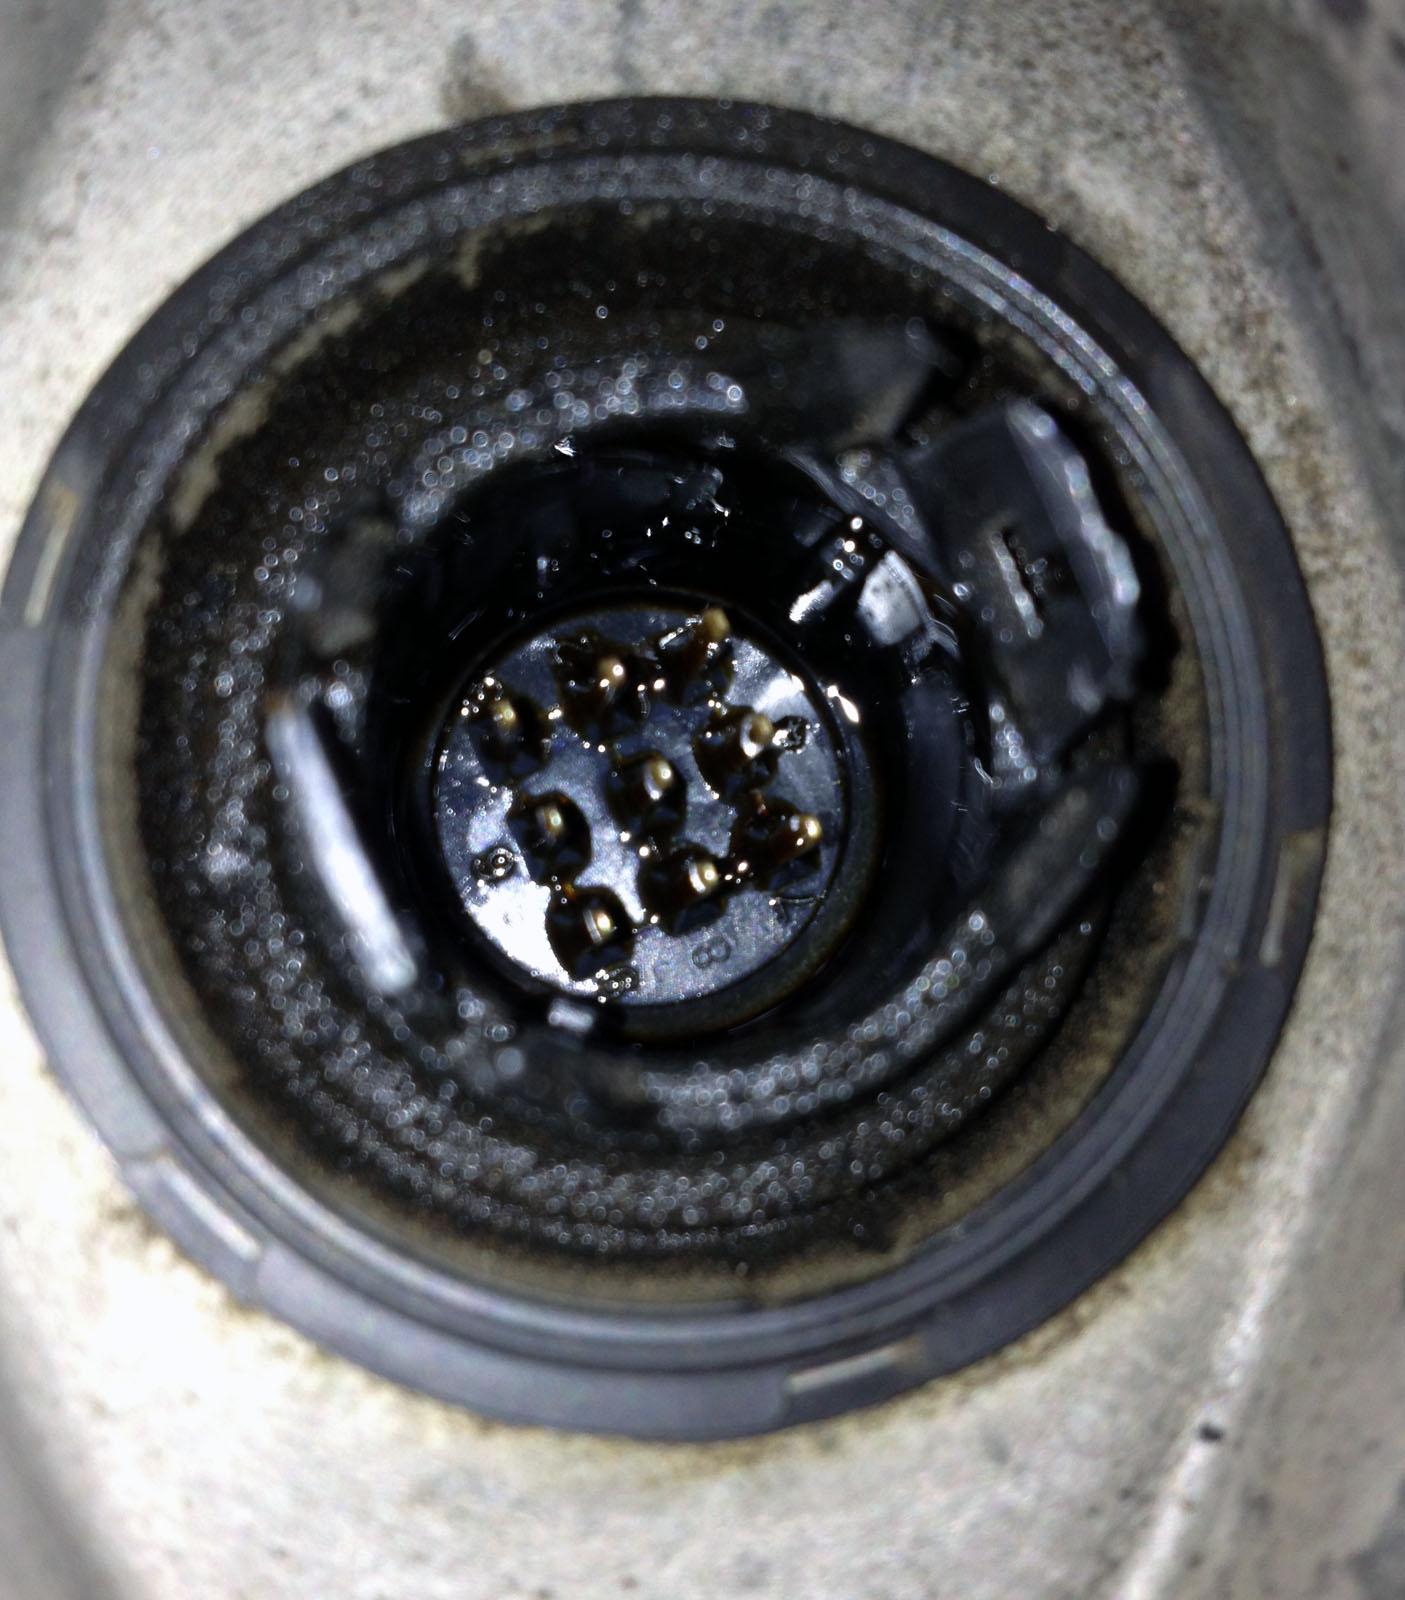 attachment K Blazer Trailer Wiring Diagram on 1984 chevy s10 wiring diagram, k5 blazer fuel pump wiring diagram, 1984 k5 blazer wiring diagram, 1979 k5 blazer wiring diagram, k5 blazer dash wiring diagrams,